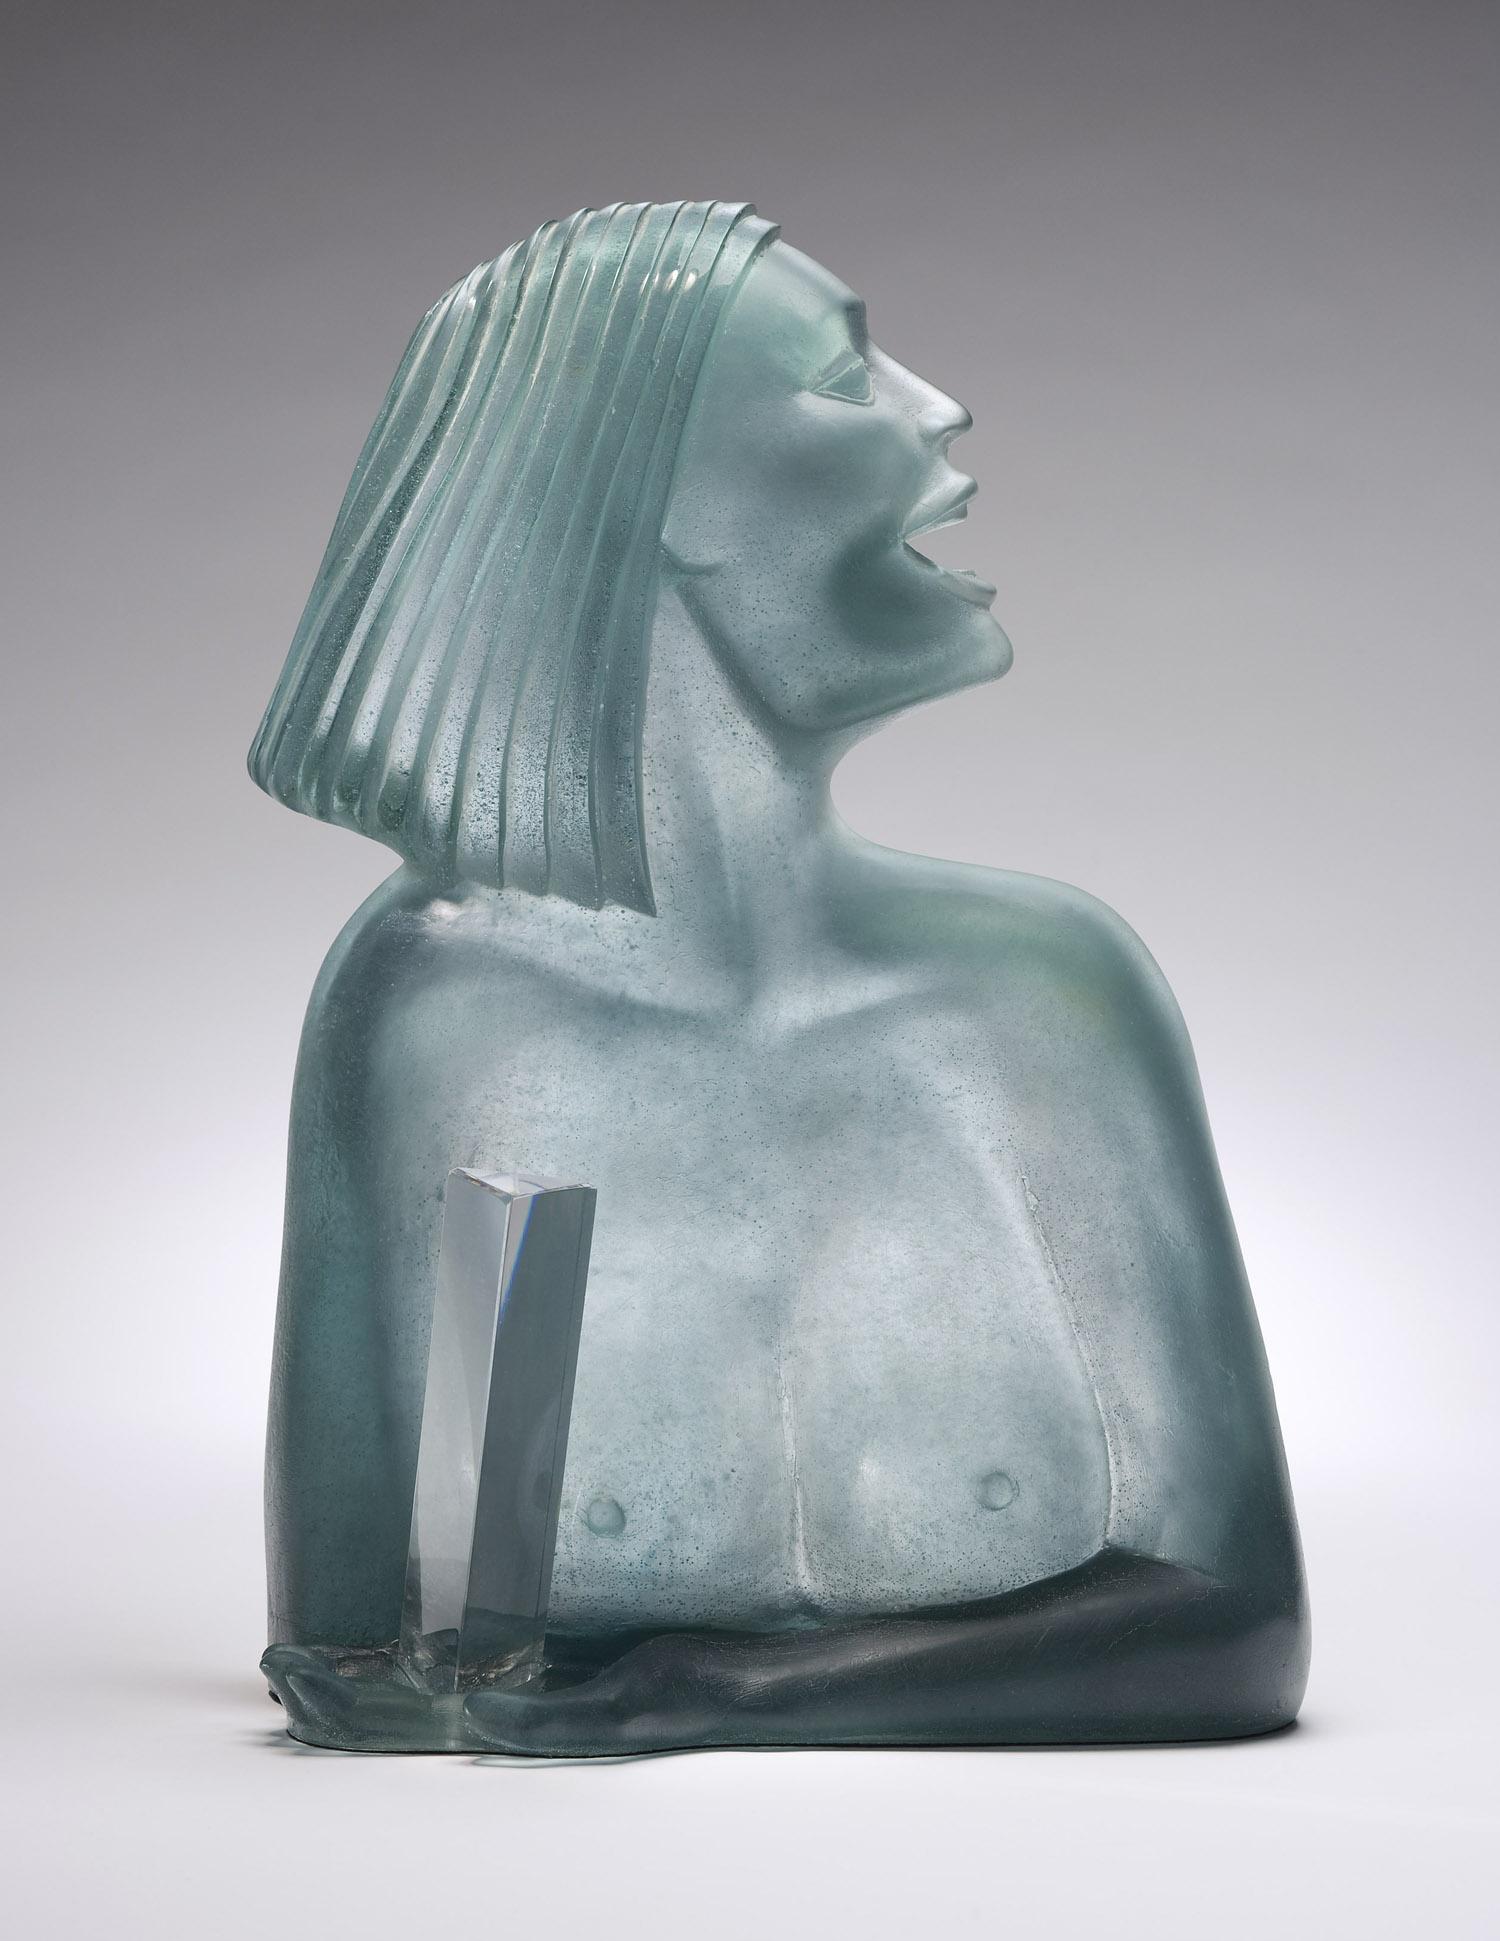 """La Dame   1984. Pate de verre, crystal. 18 x 12 x 8""""   Cristallerie Daum   Nancy, France"""